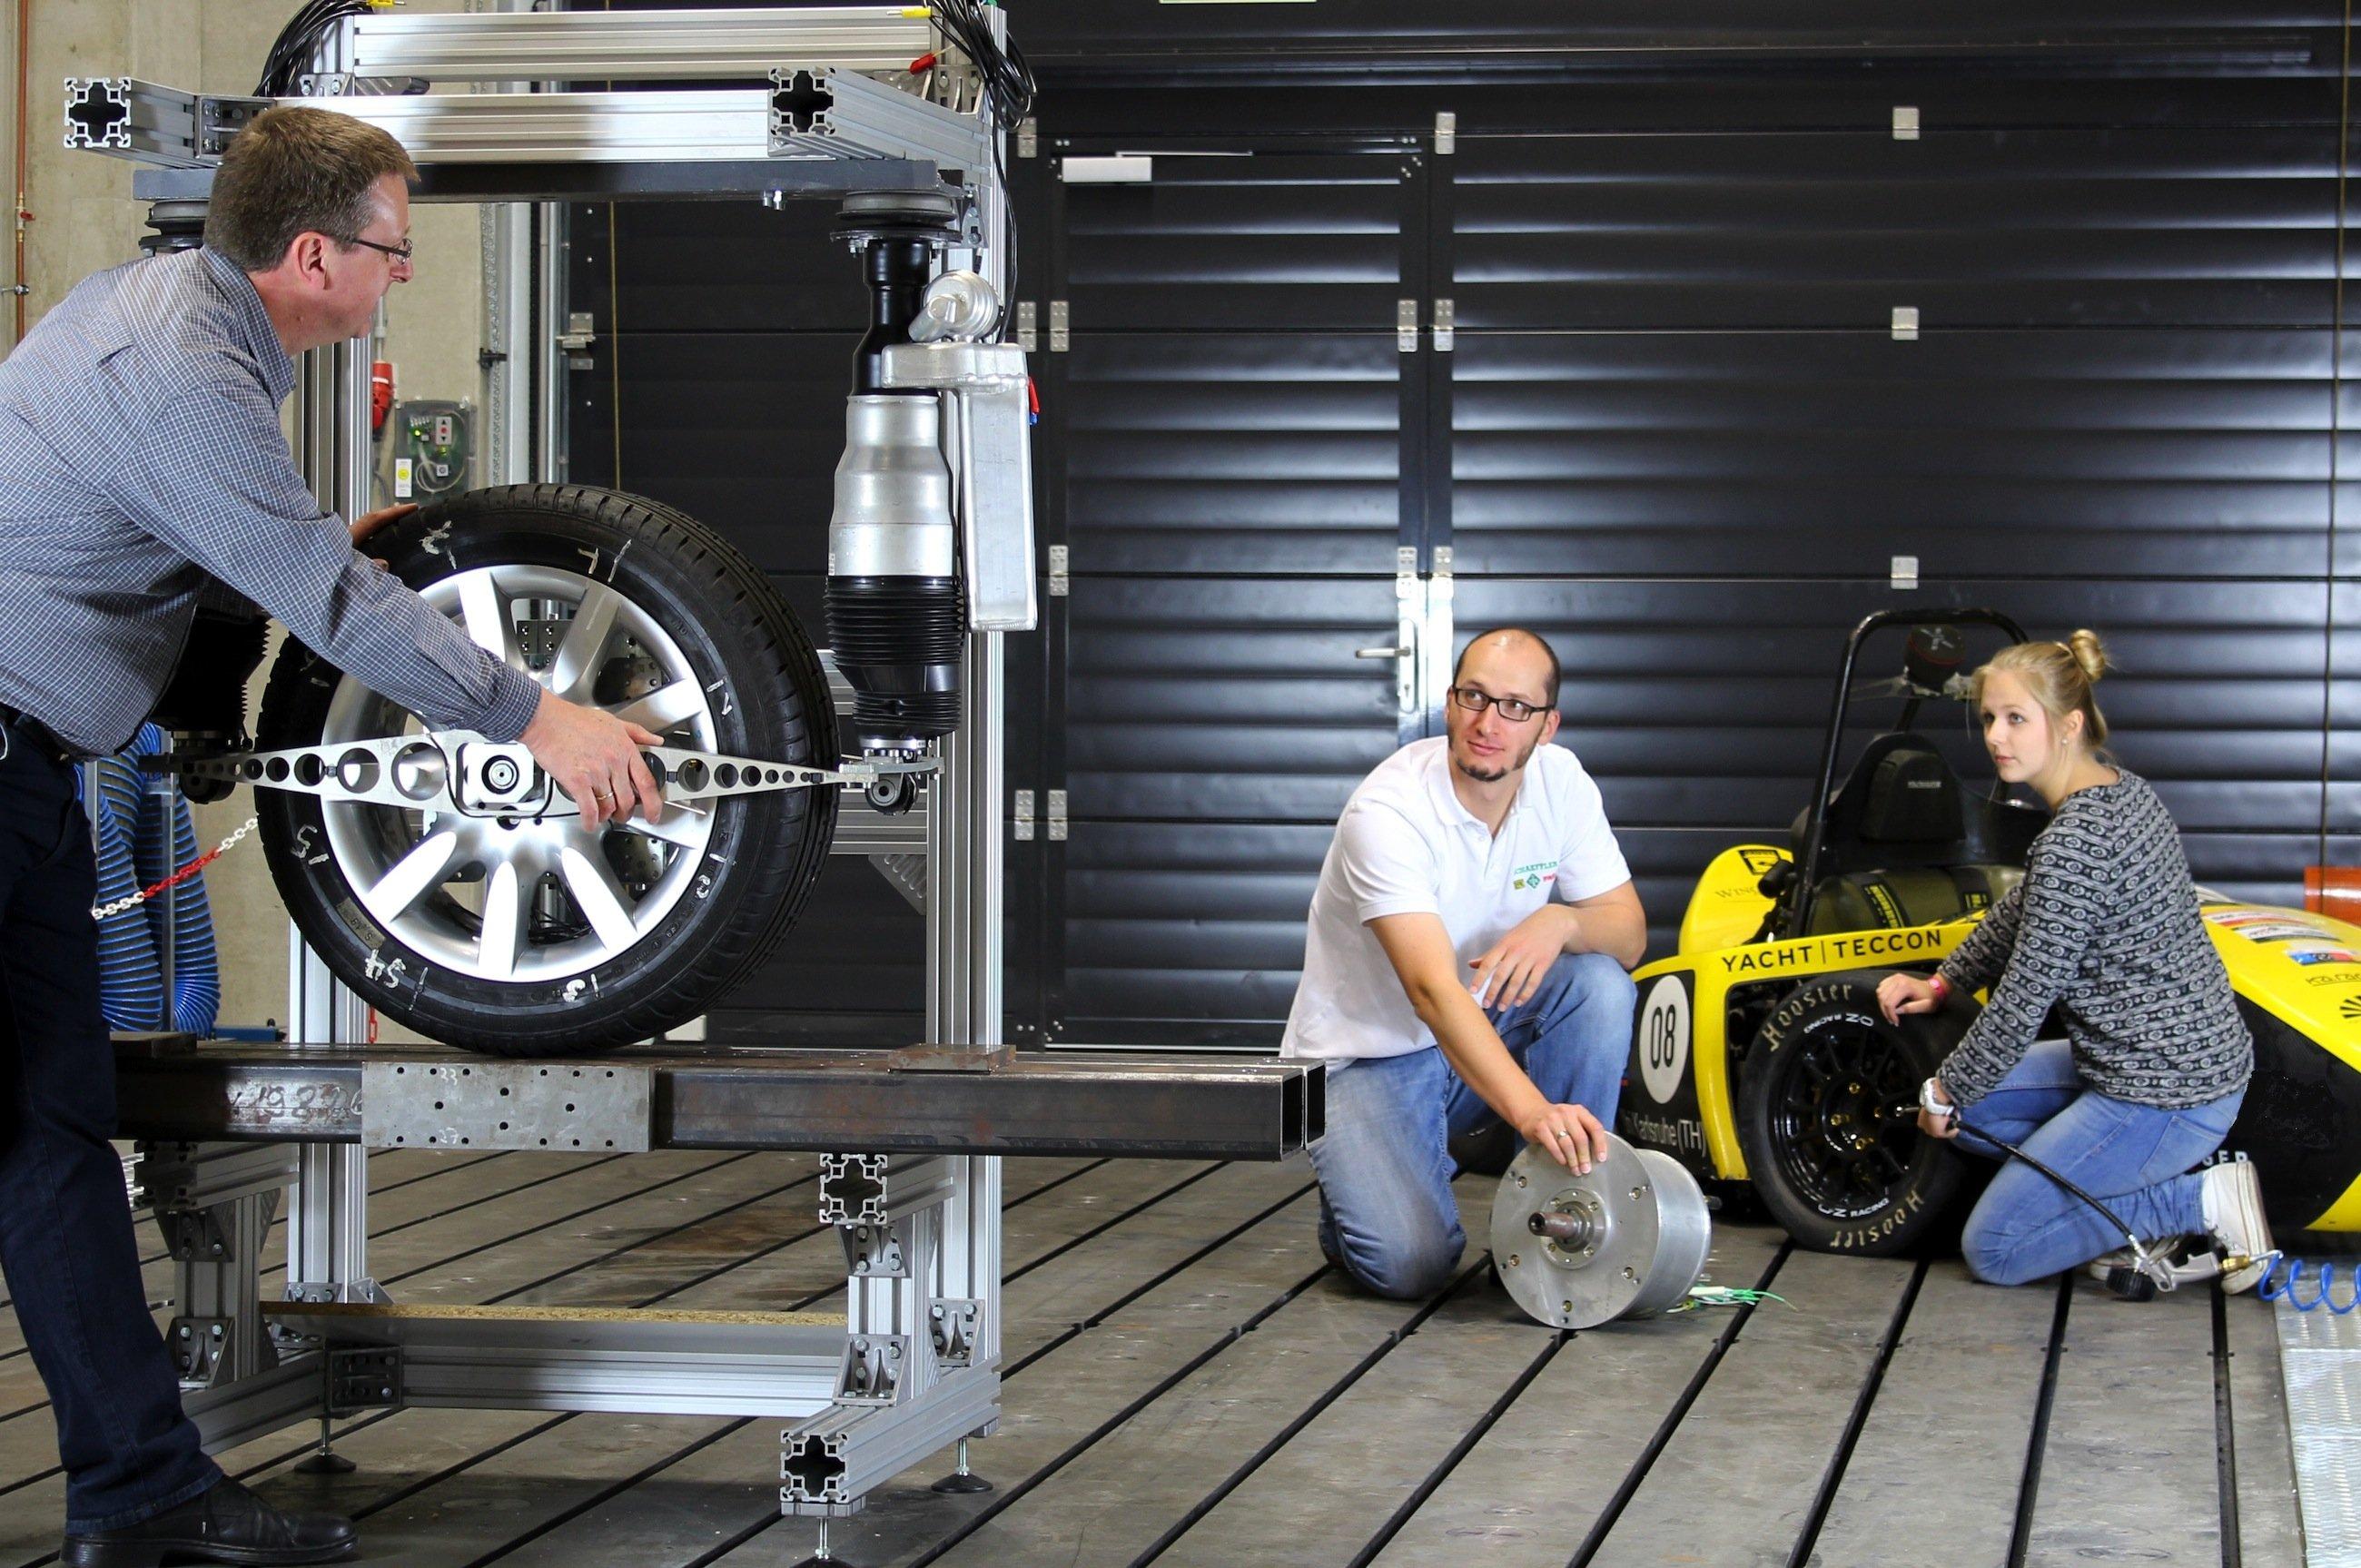 Durch eine geeignete Radaufhängung und geschickte Ansteuerung lässt sich eine Lenkkraftunterstützung für Elektroautos realisieren und auf die klassische Servolenkung verzichten.